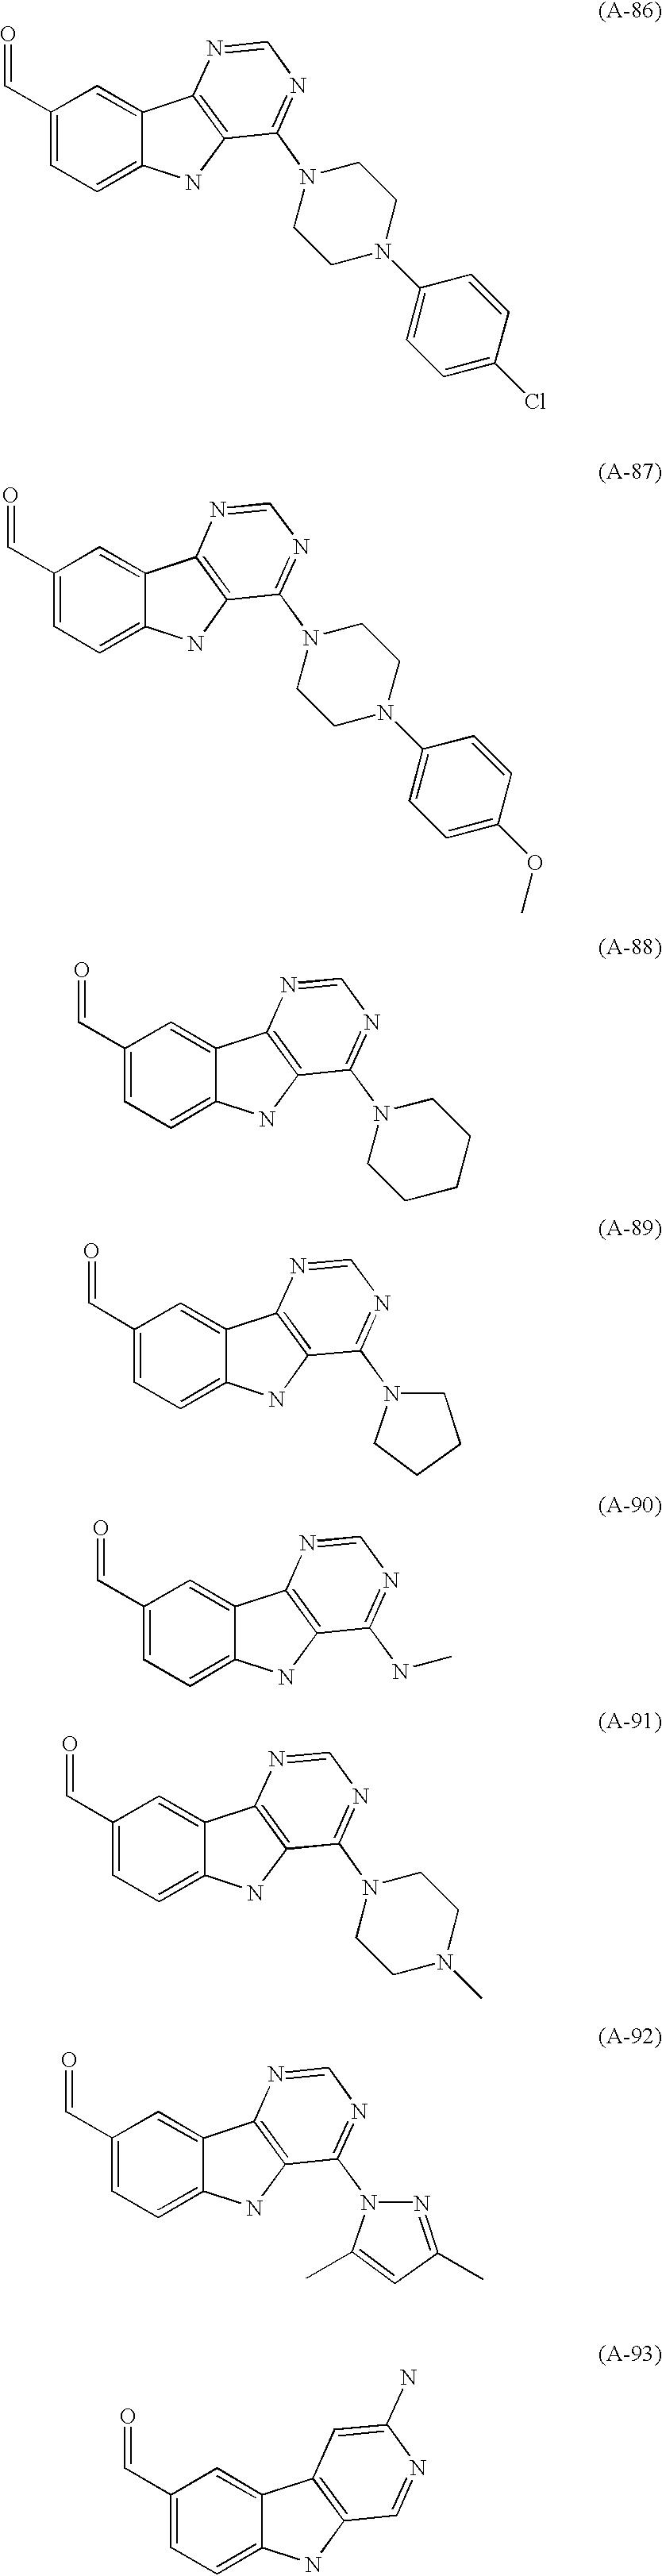 Figure US20030203901A1-20031030-C00029